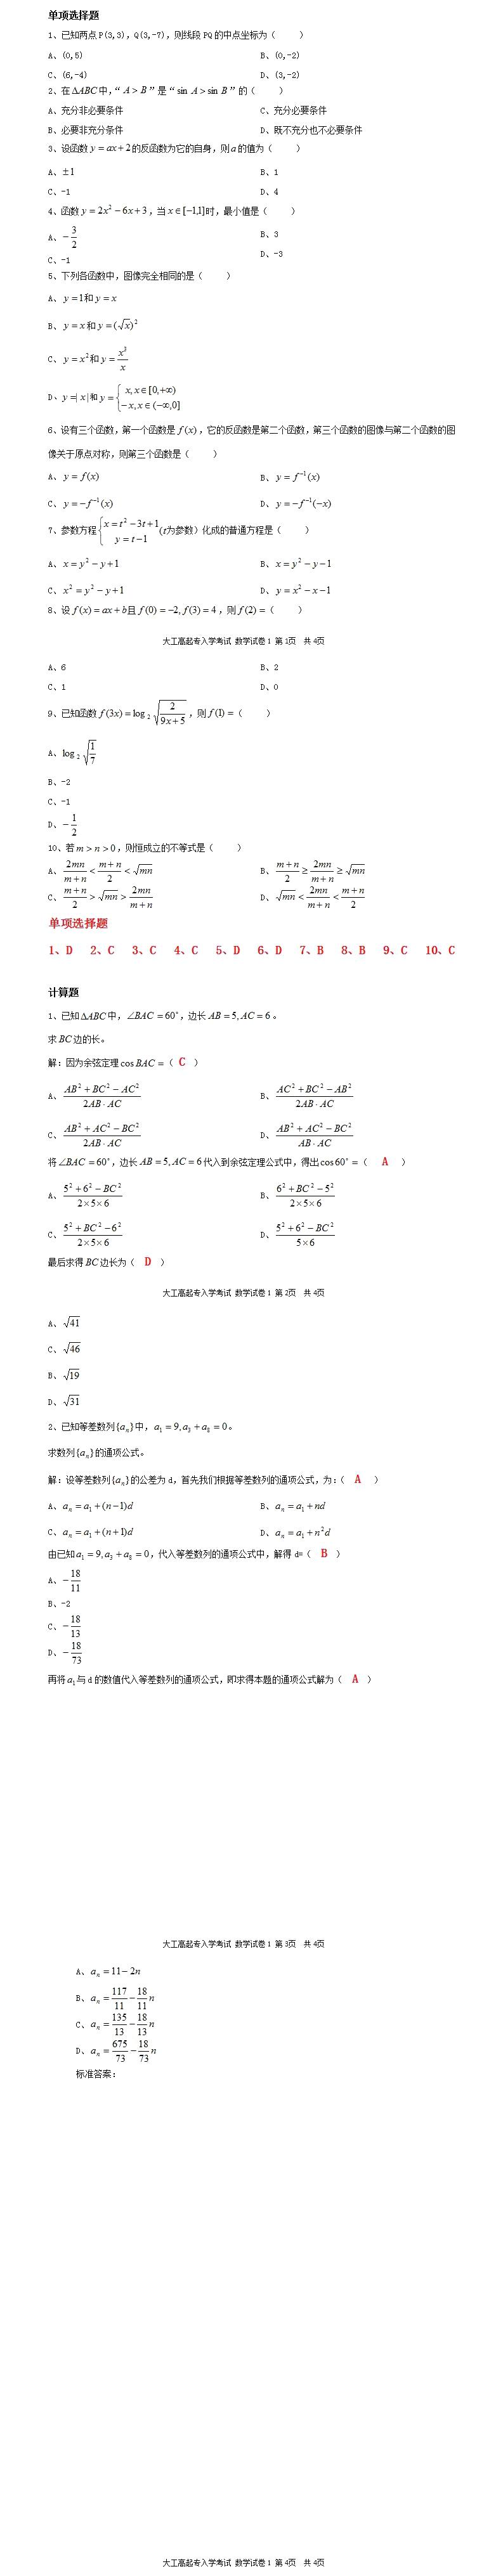 湖北省成人高考高起点《数学》模拟真题及答案解析(4)